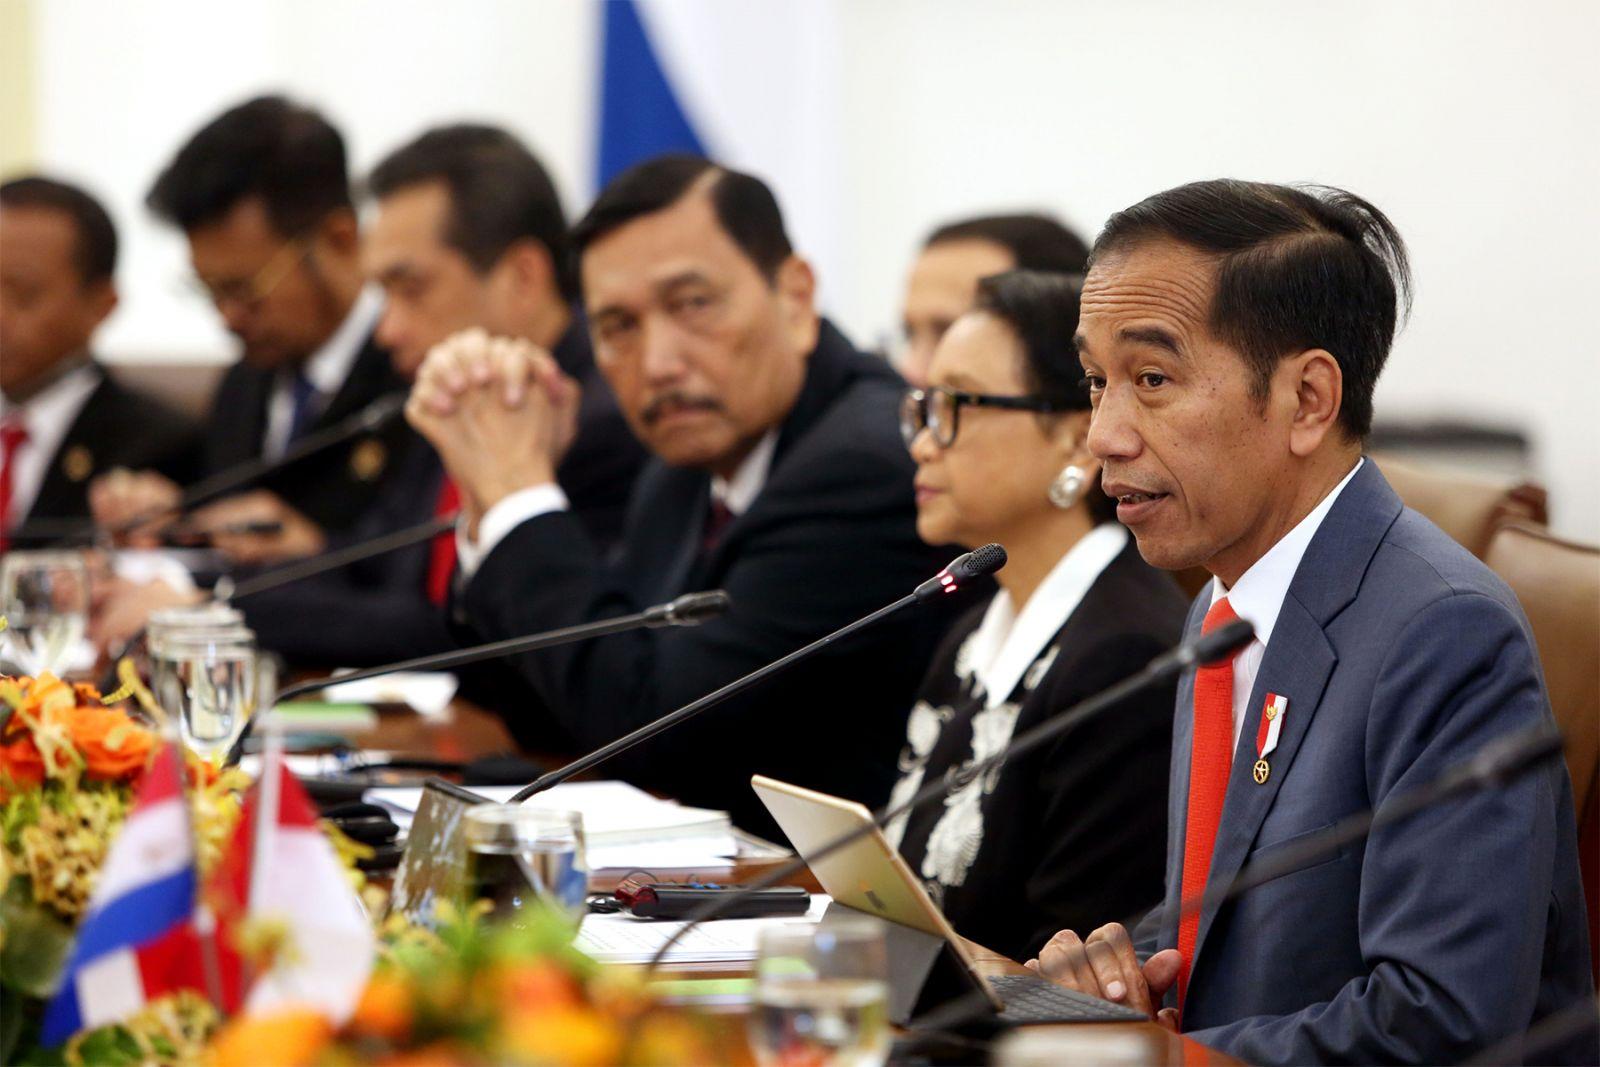 Berikut ini adalah sebuah analisa yang memperkirakan bahwa Joko Widodo (Jokowi) diam-diam akan terpilih menjadi presiden selama tiga periode. (foto: Ricardo/JPNN)